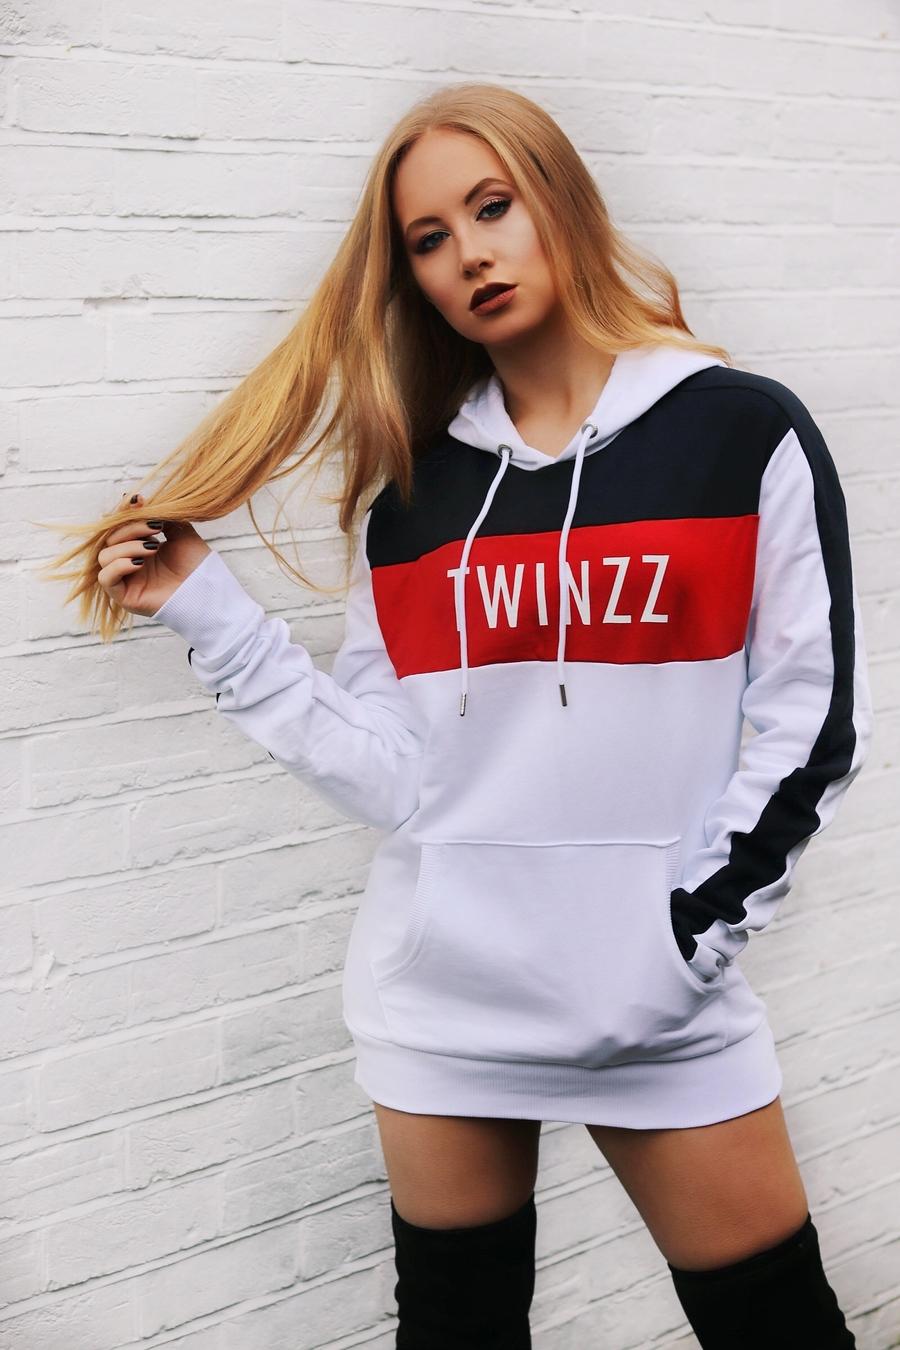 Twinzz / Model Emilee Lucia / Uploaded 7th January 2019 @ 10:28 AM